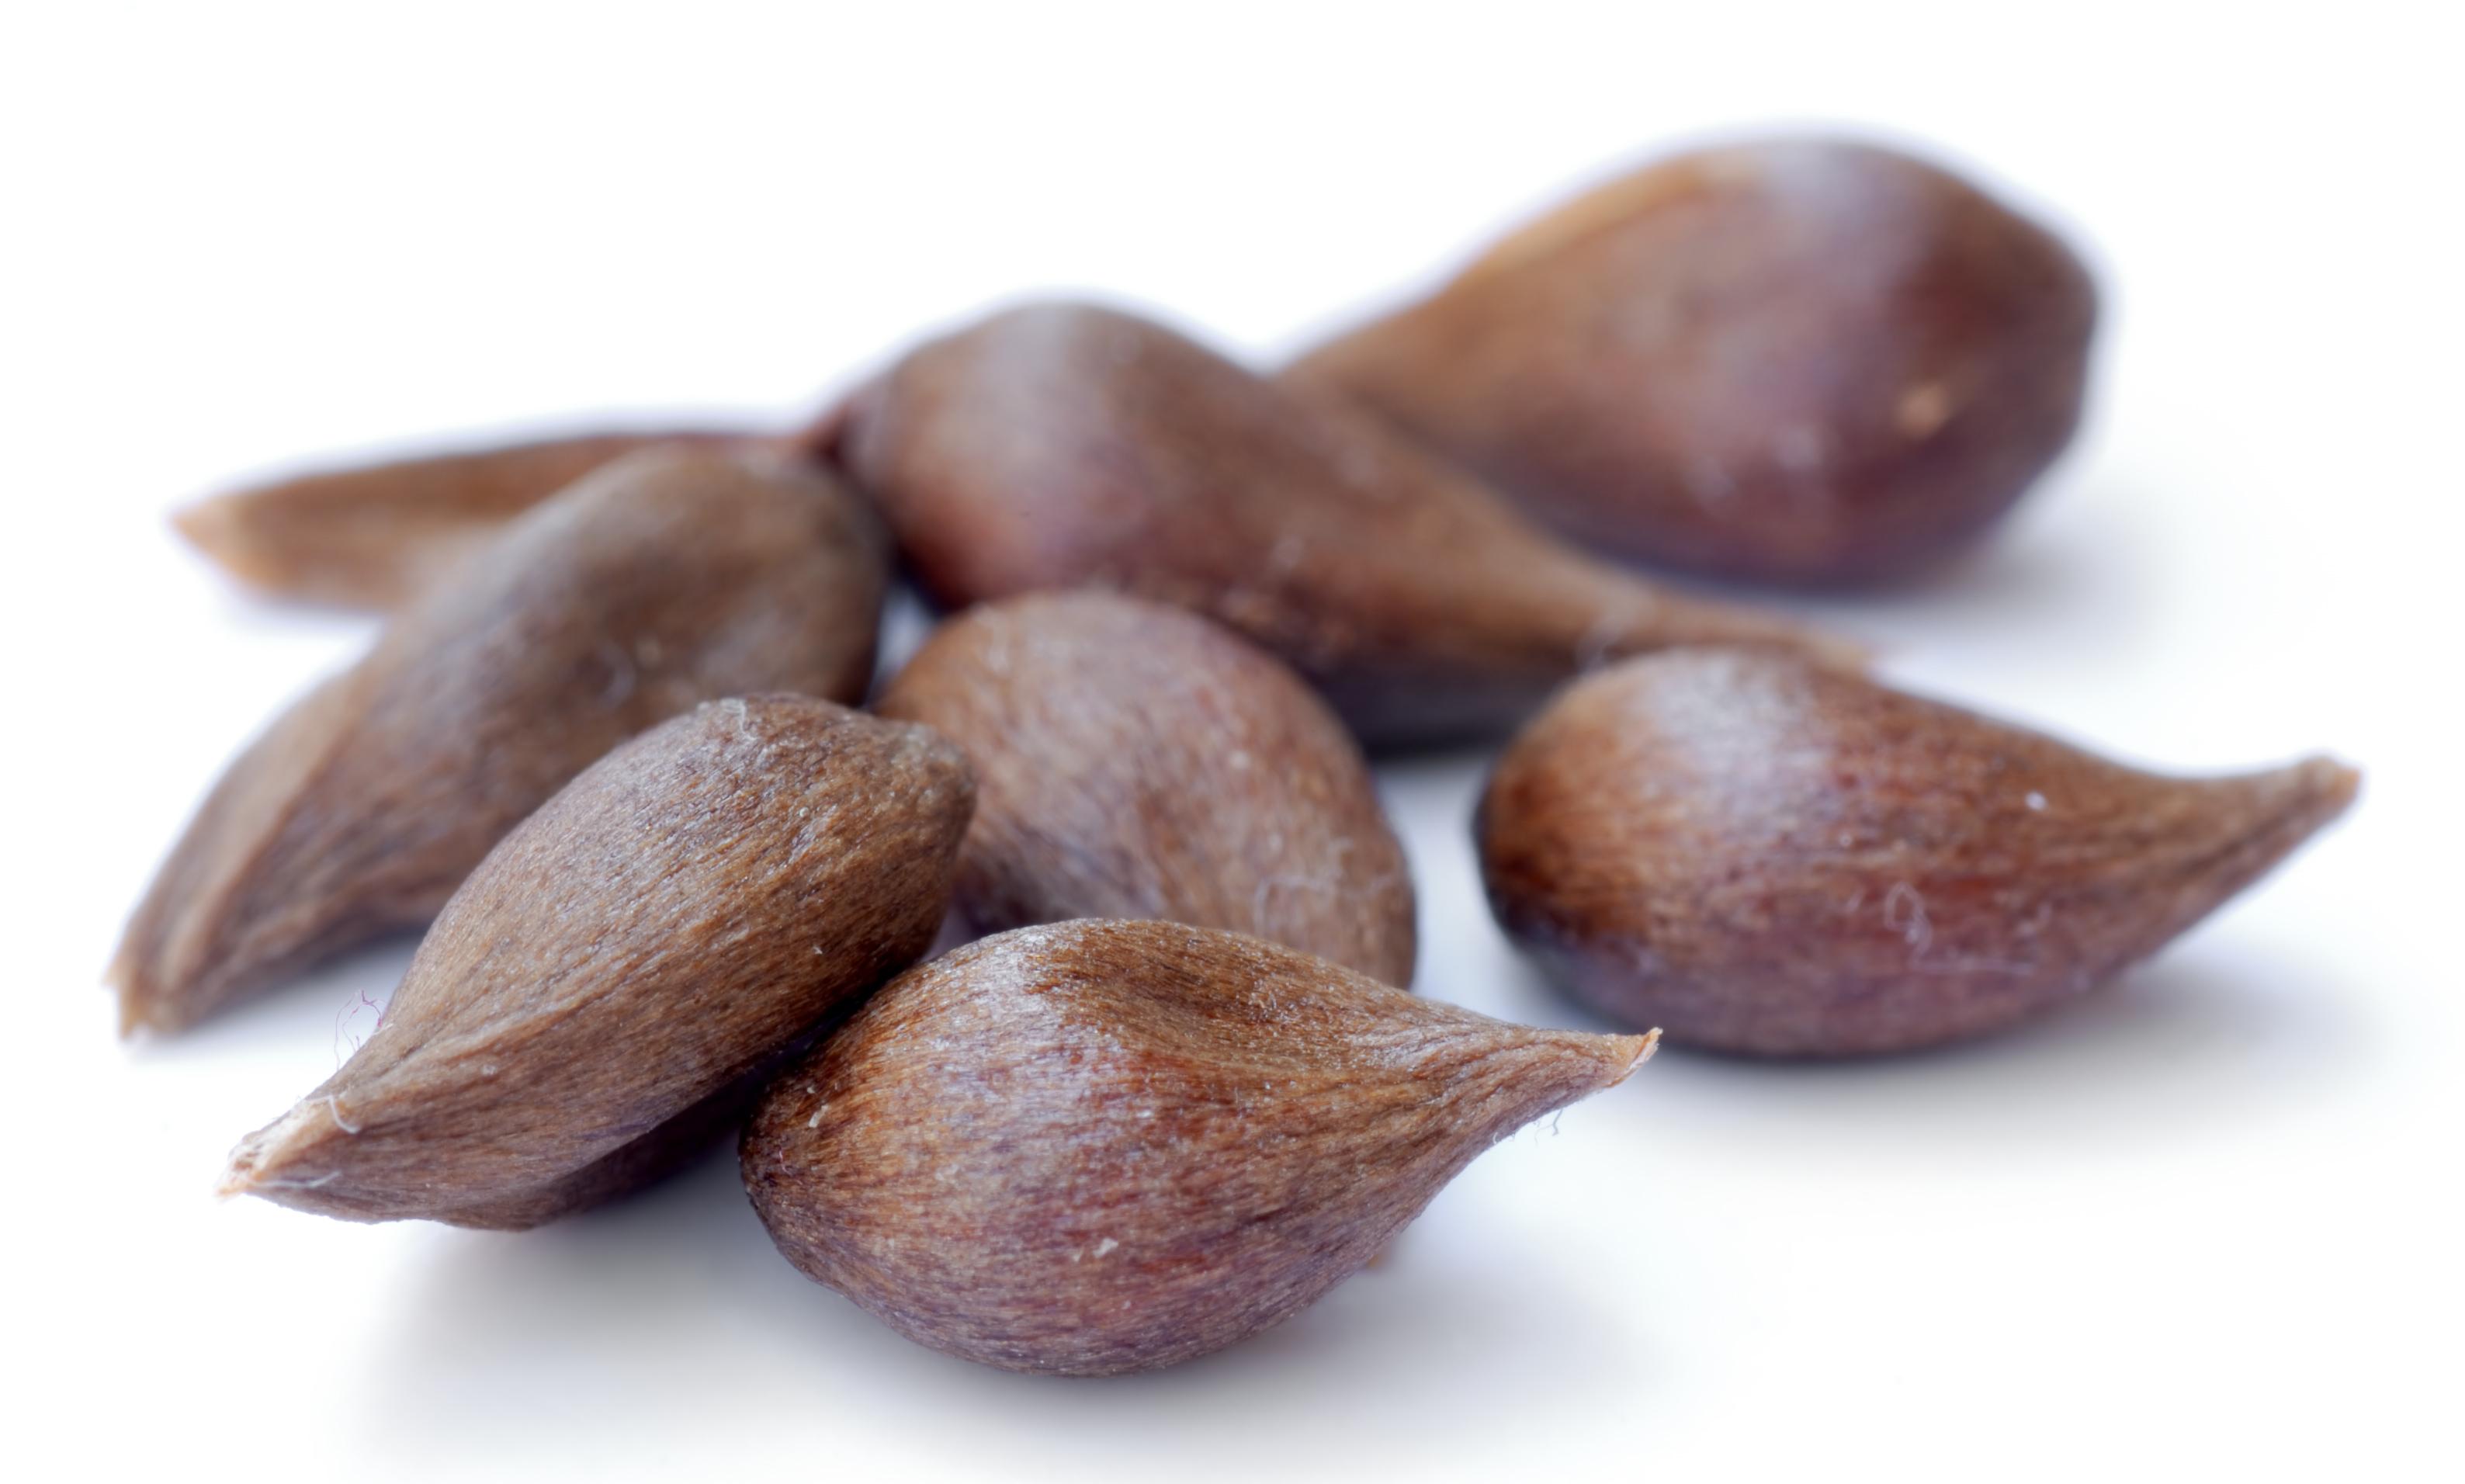 File:Apple seeds.